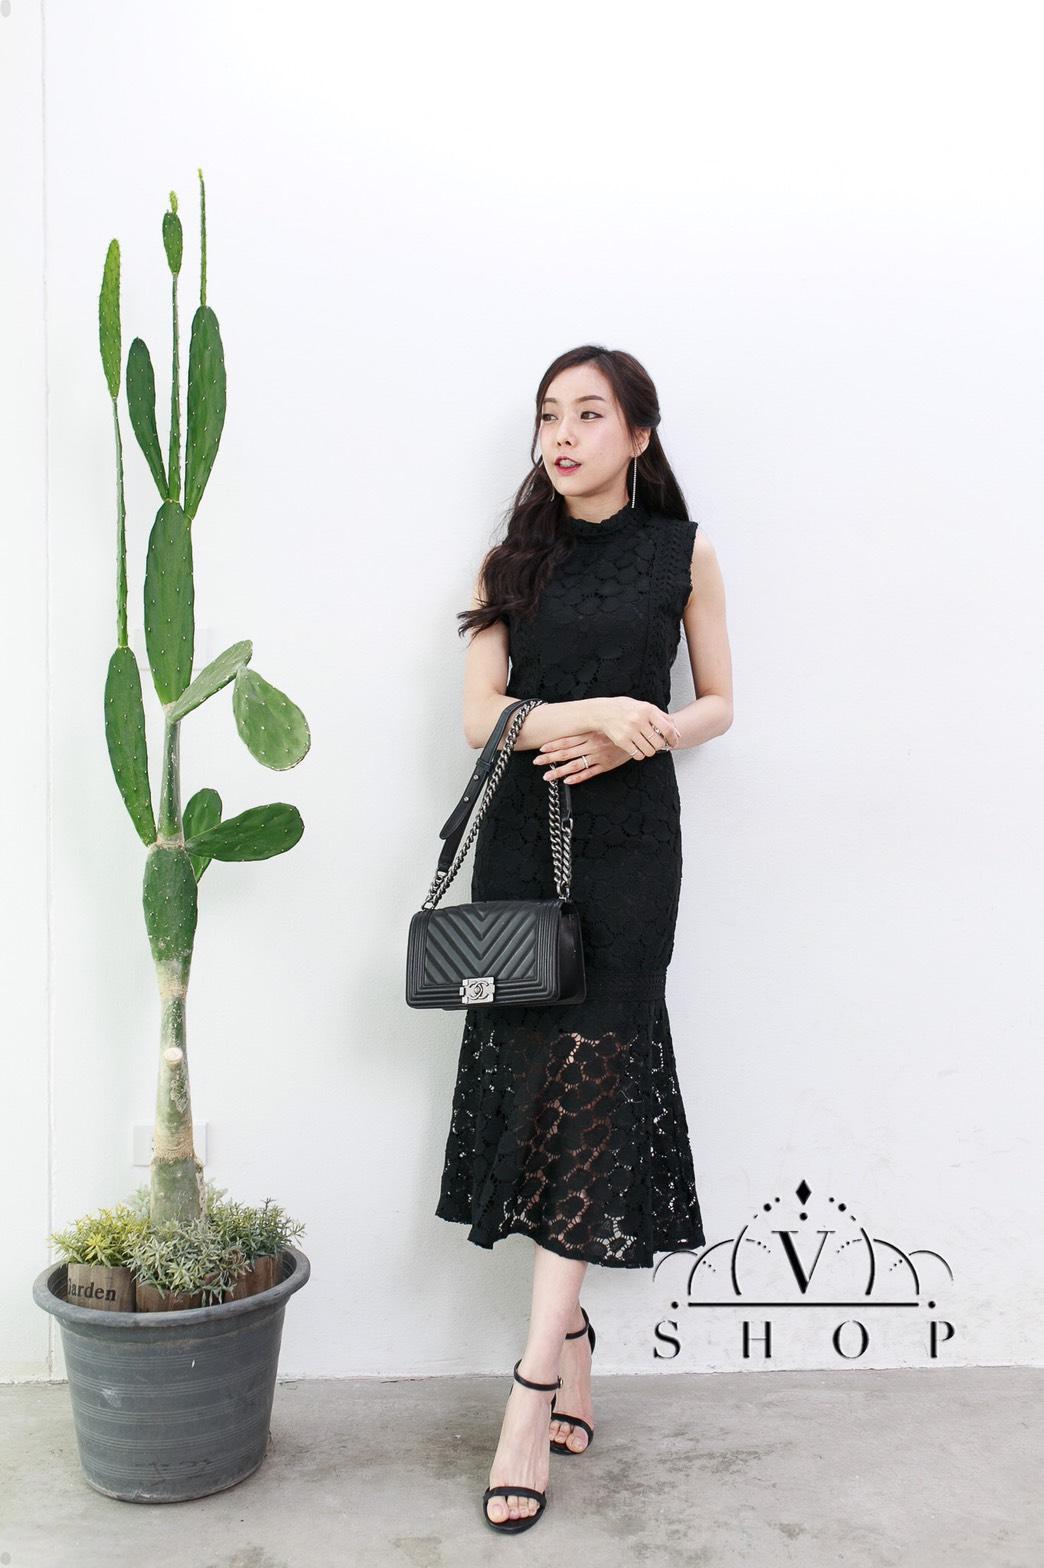 แฟชั่นชุดเซ็ทสีดำ เสื้อครอปแขนกุด + กระโปรงยาวเอวสูง ผ้าลูกไม้